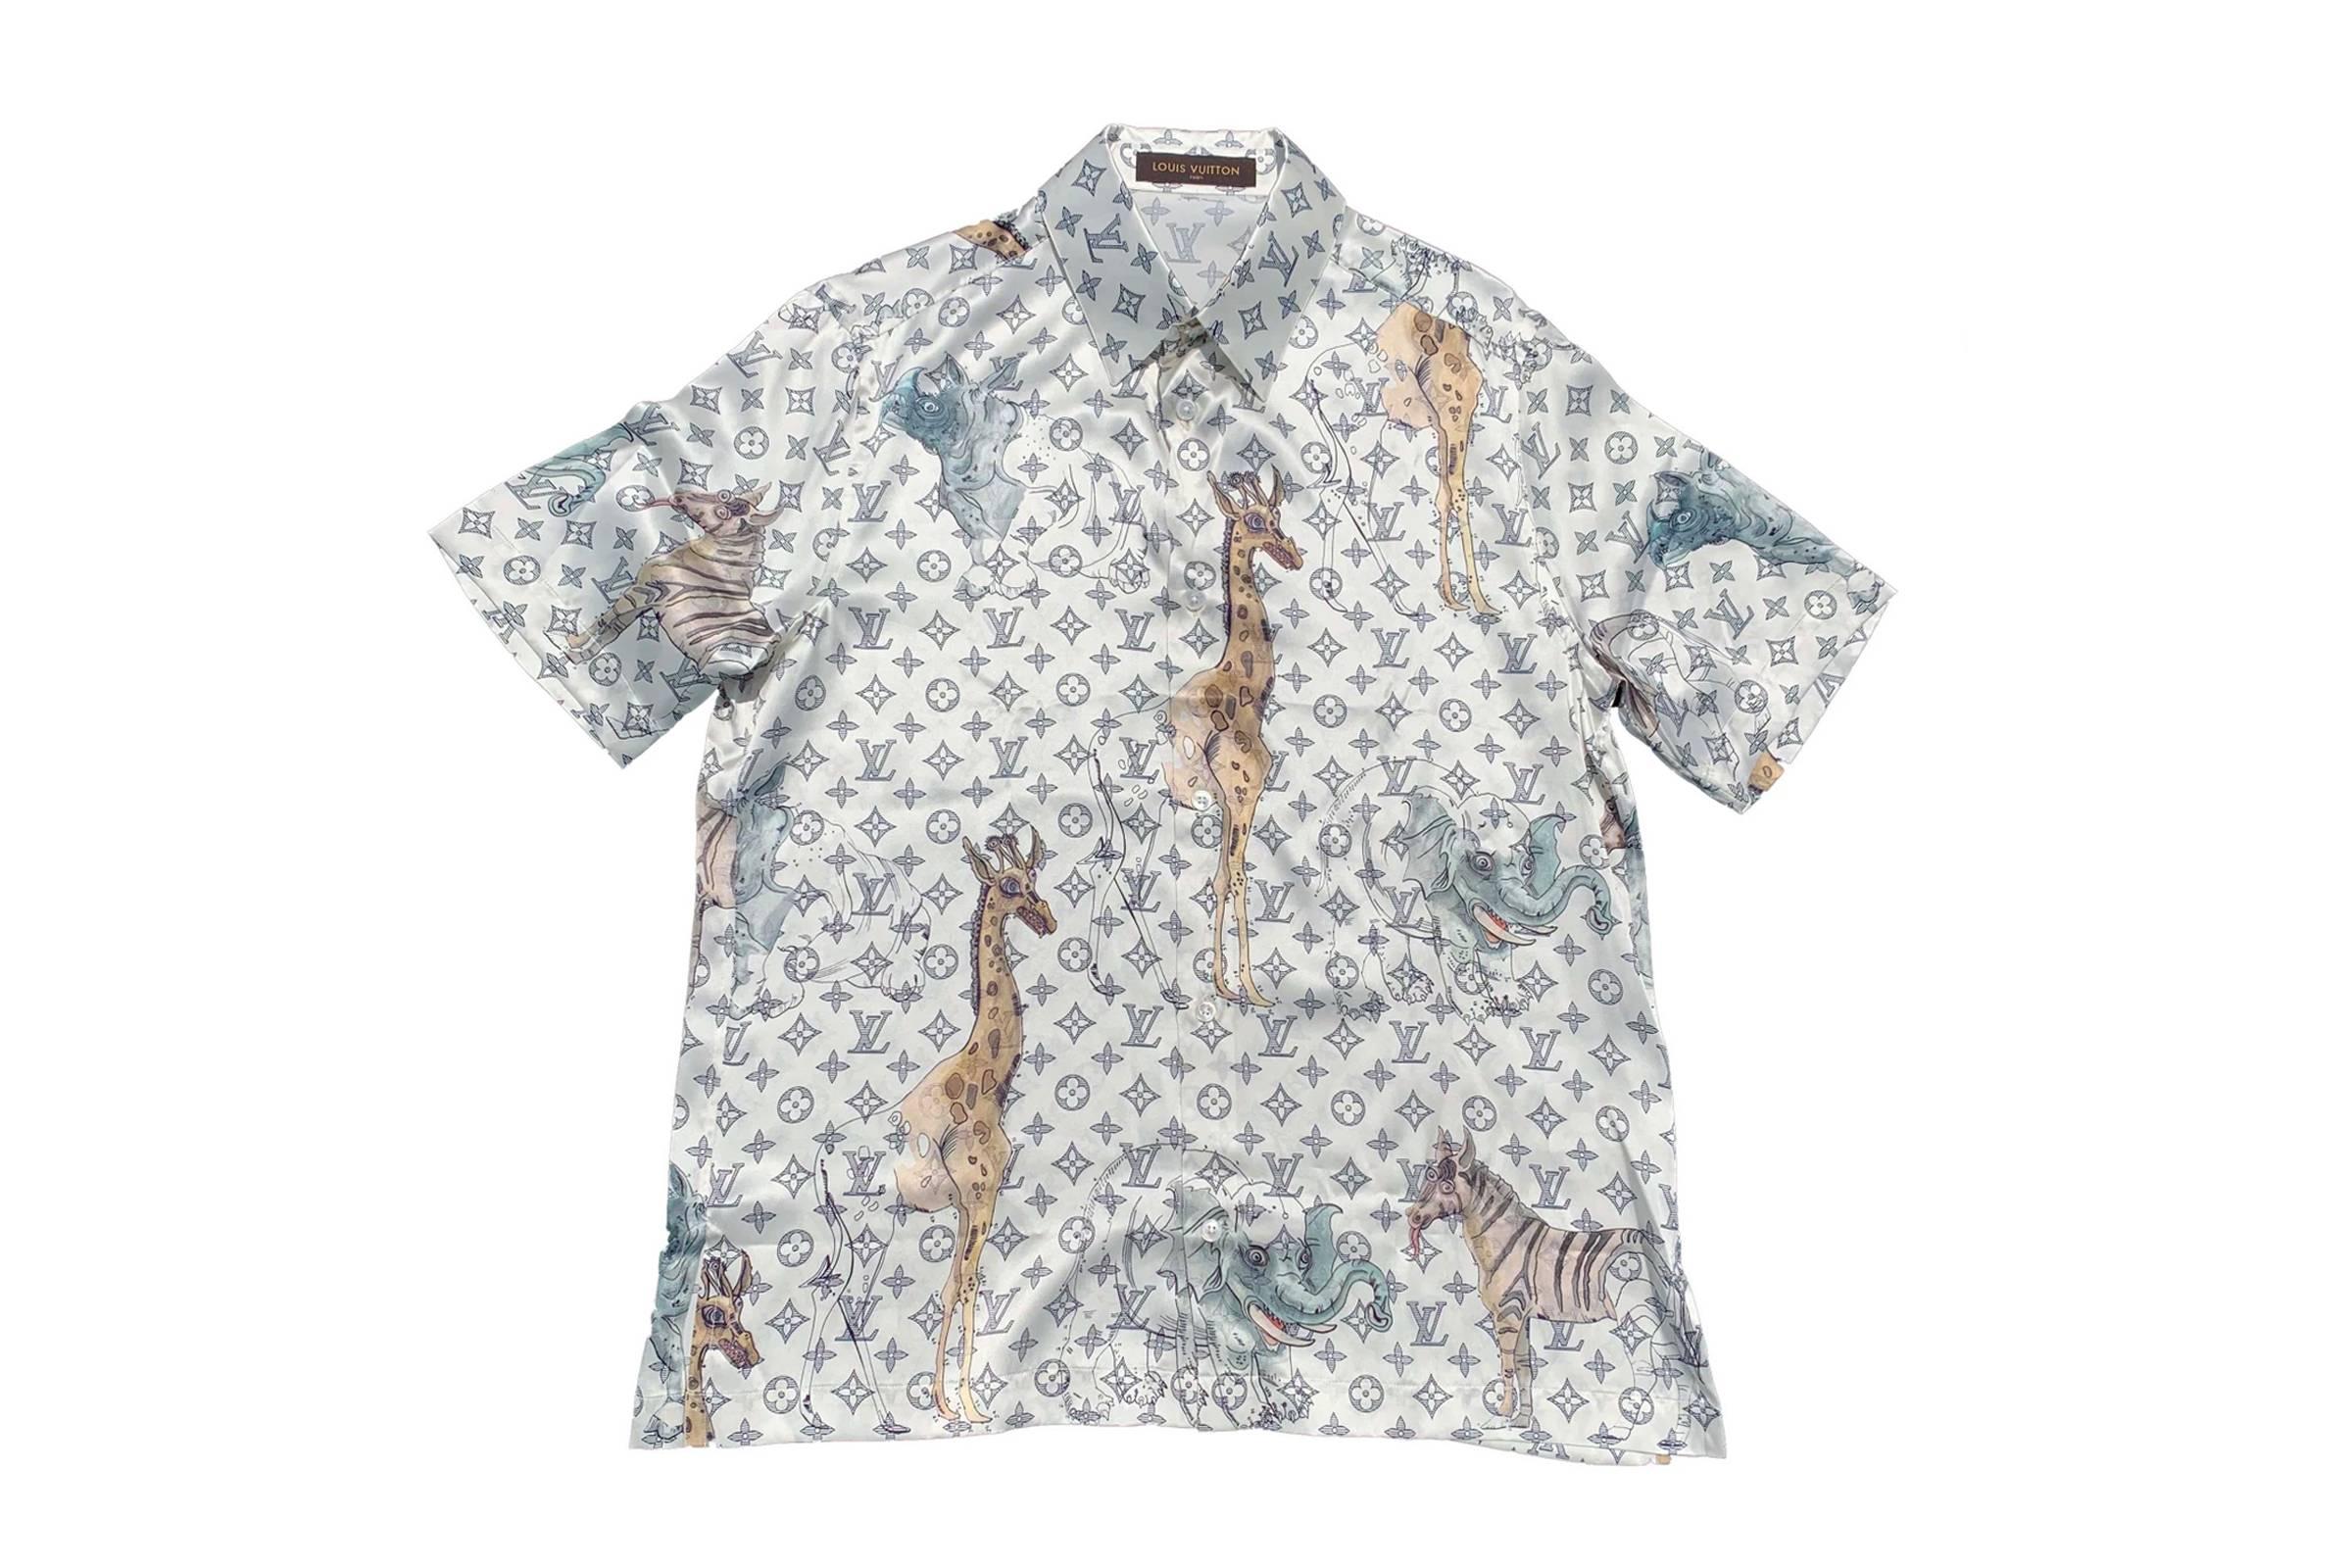 7. Louis Vuitton x Chapman Bros Animal Print Camp Collar Shirt